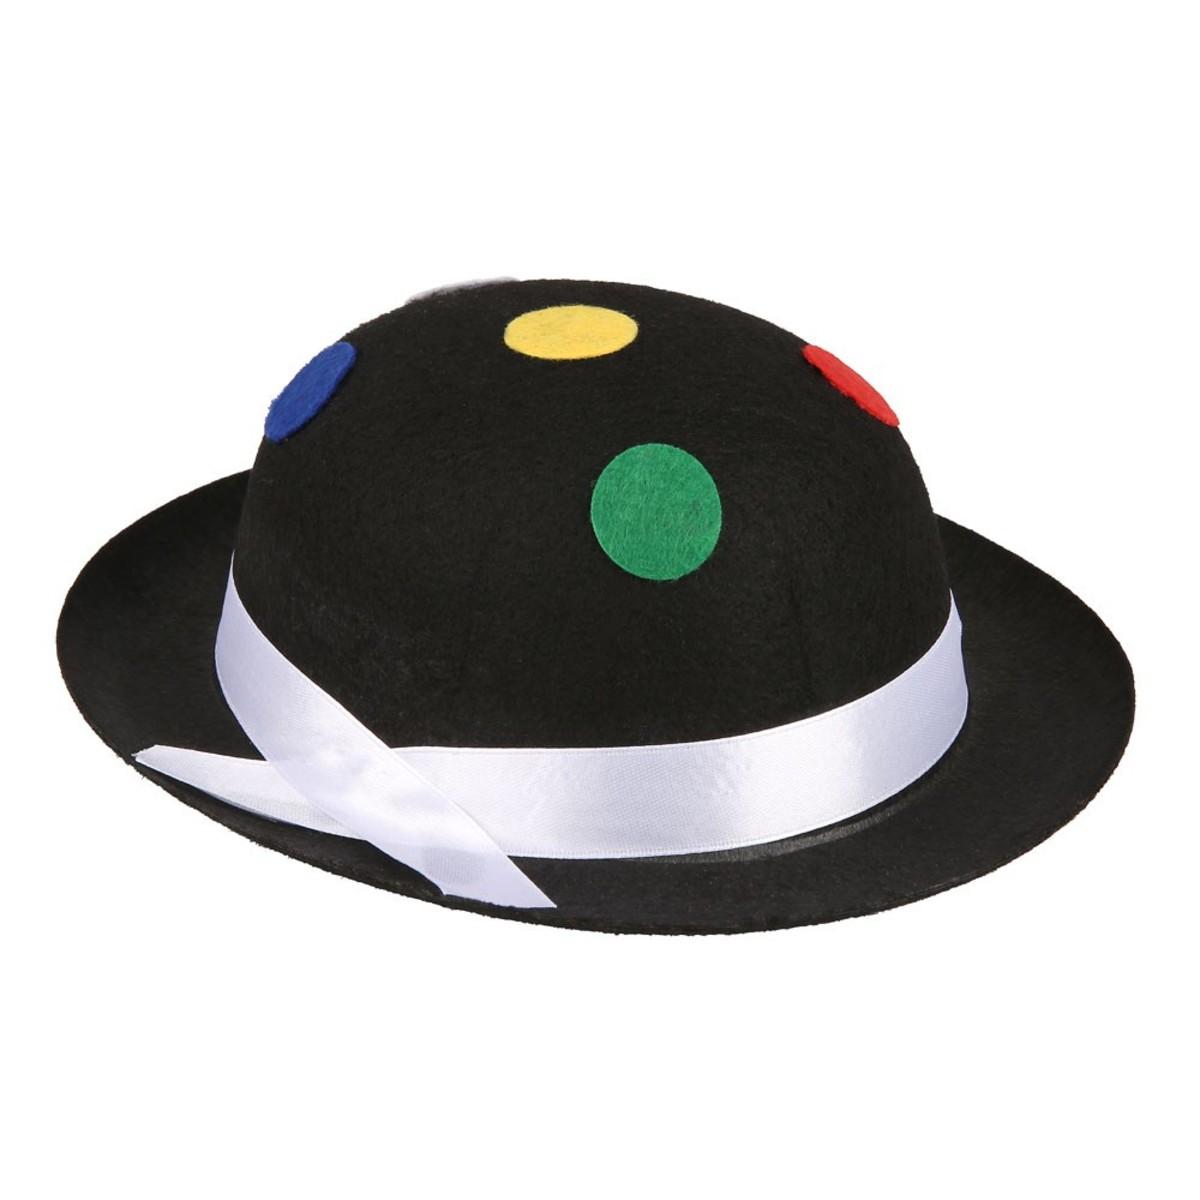 Bild 2 von Karnevals-Hut klassisch